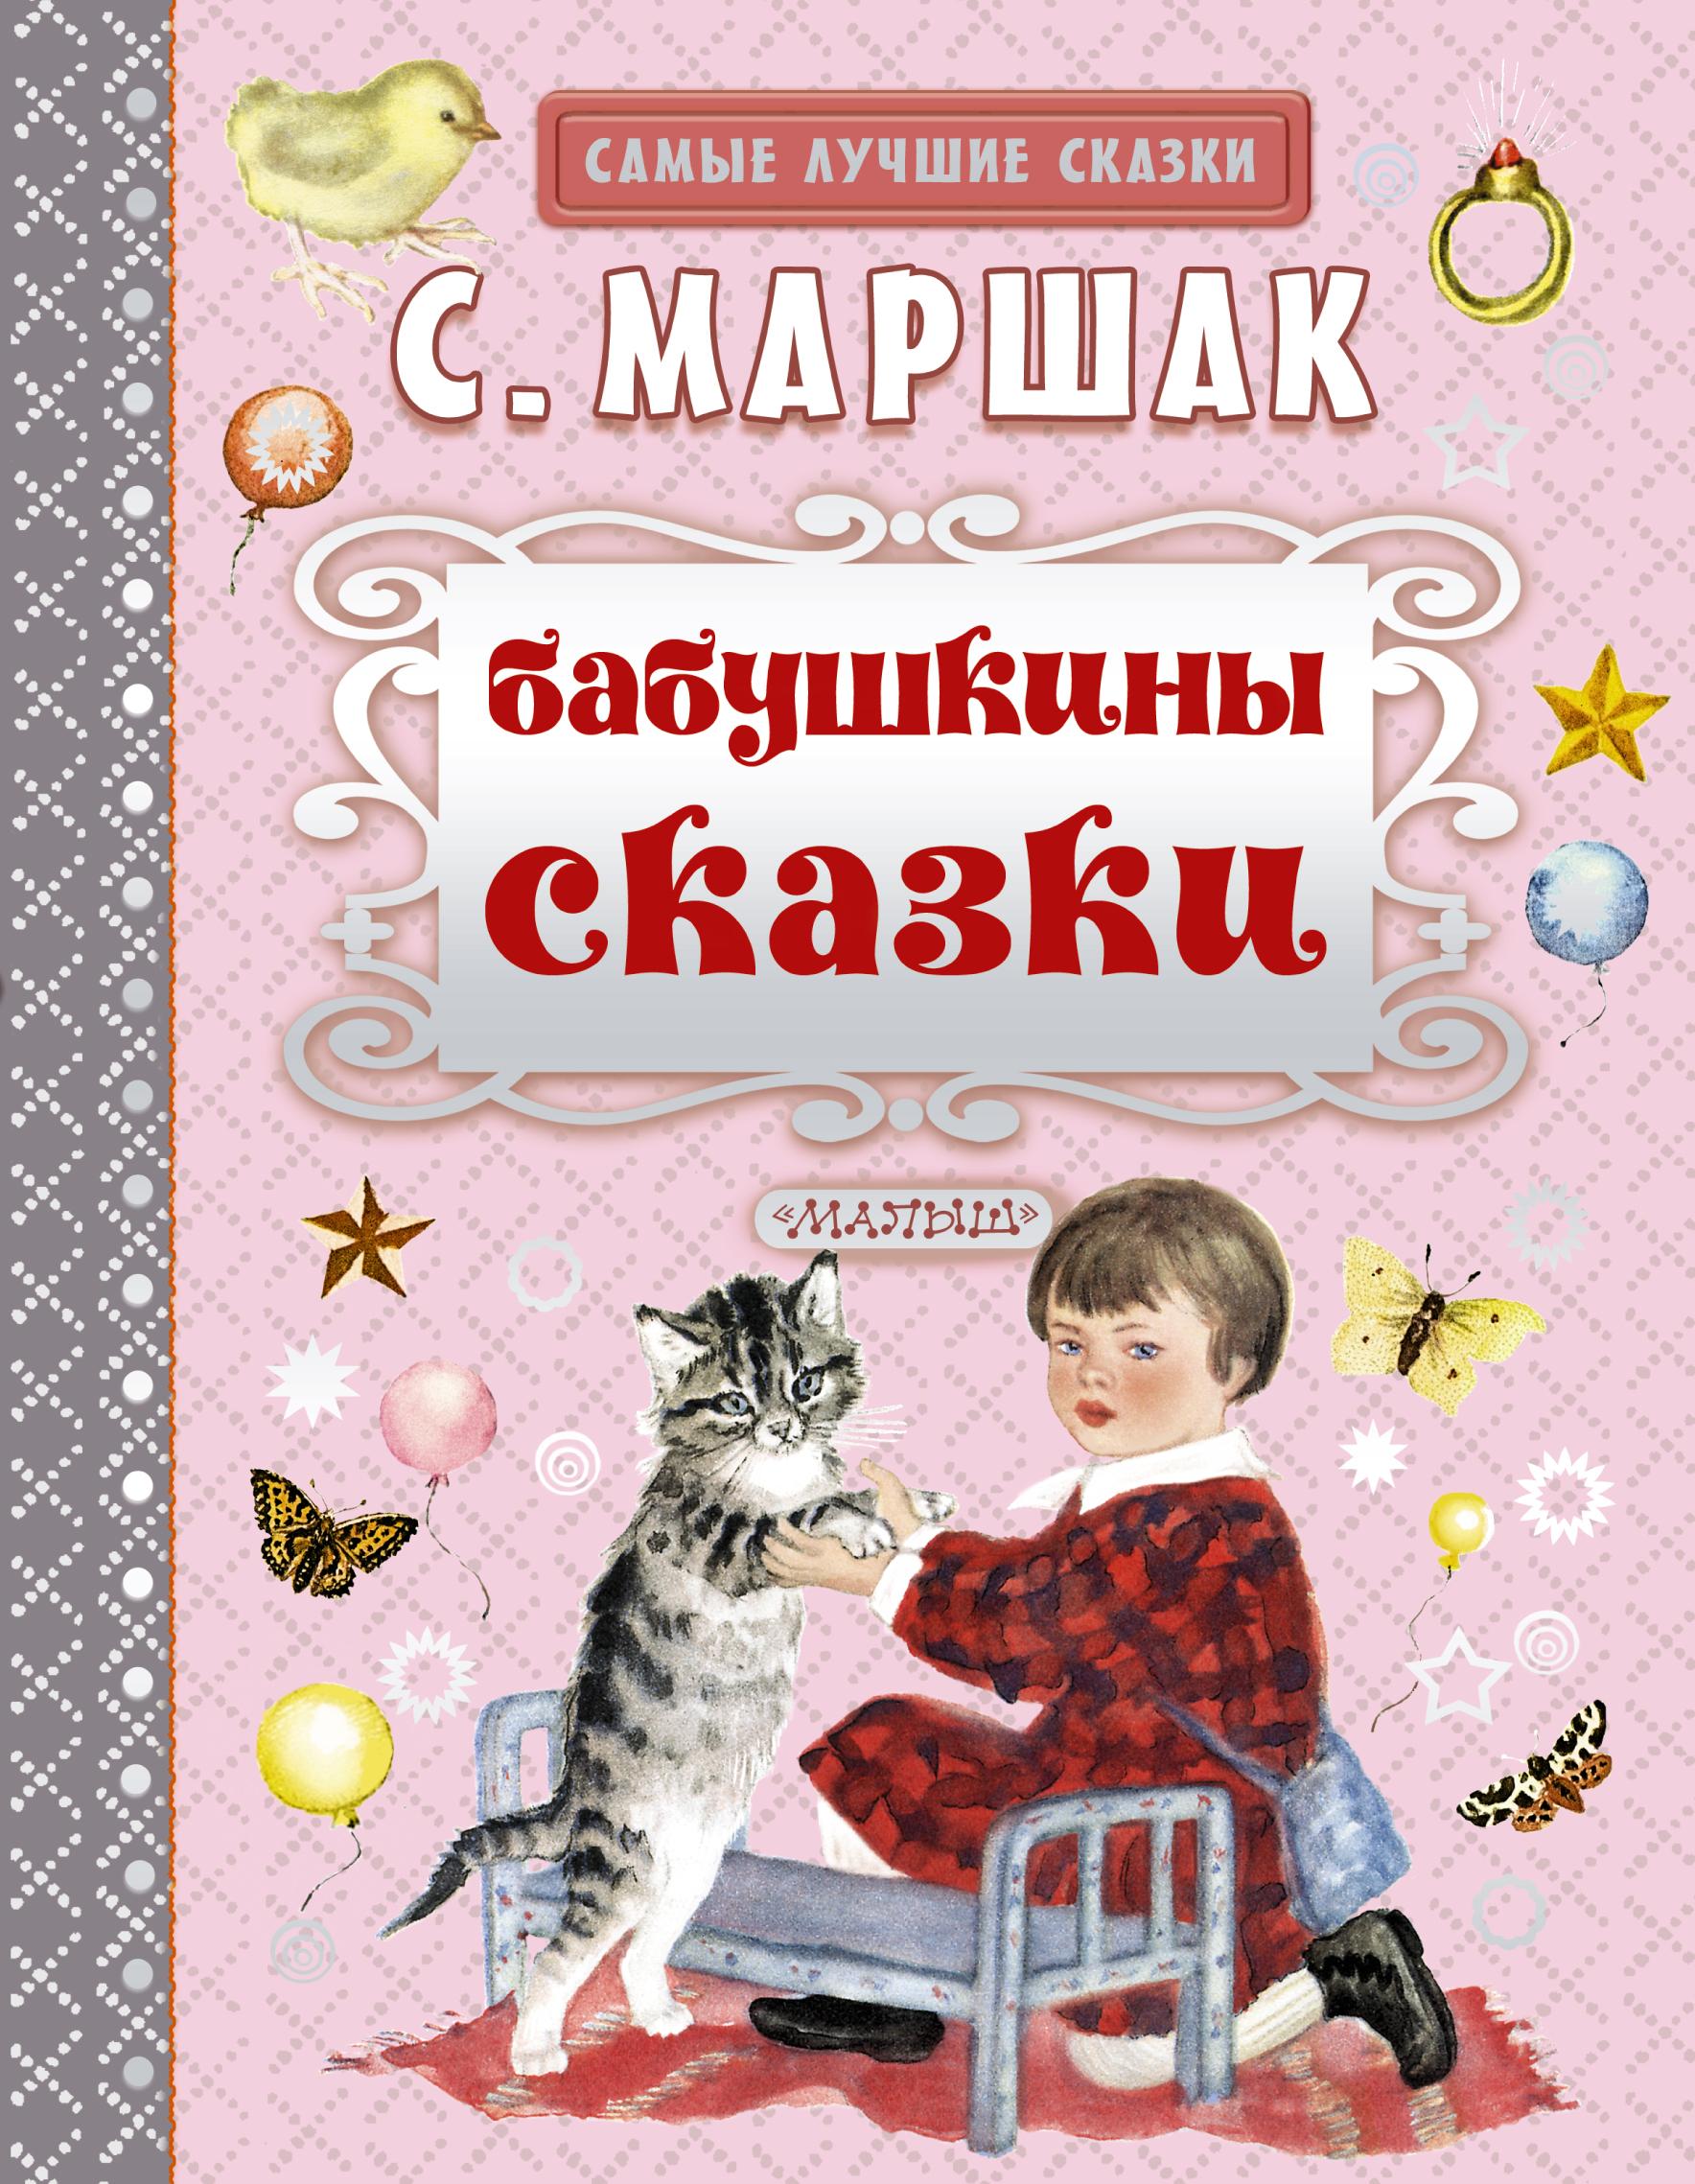 Маршак С.Я. Бабушкины сказки